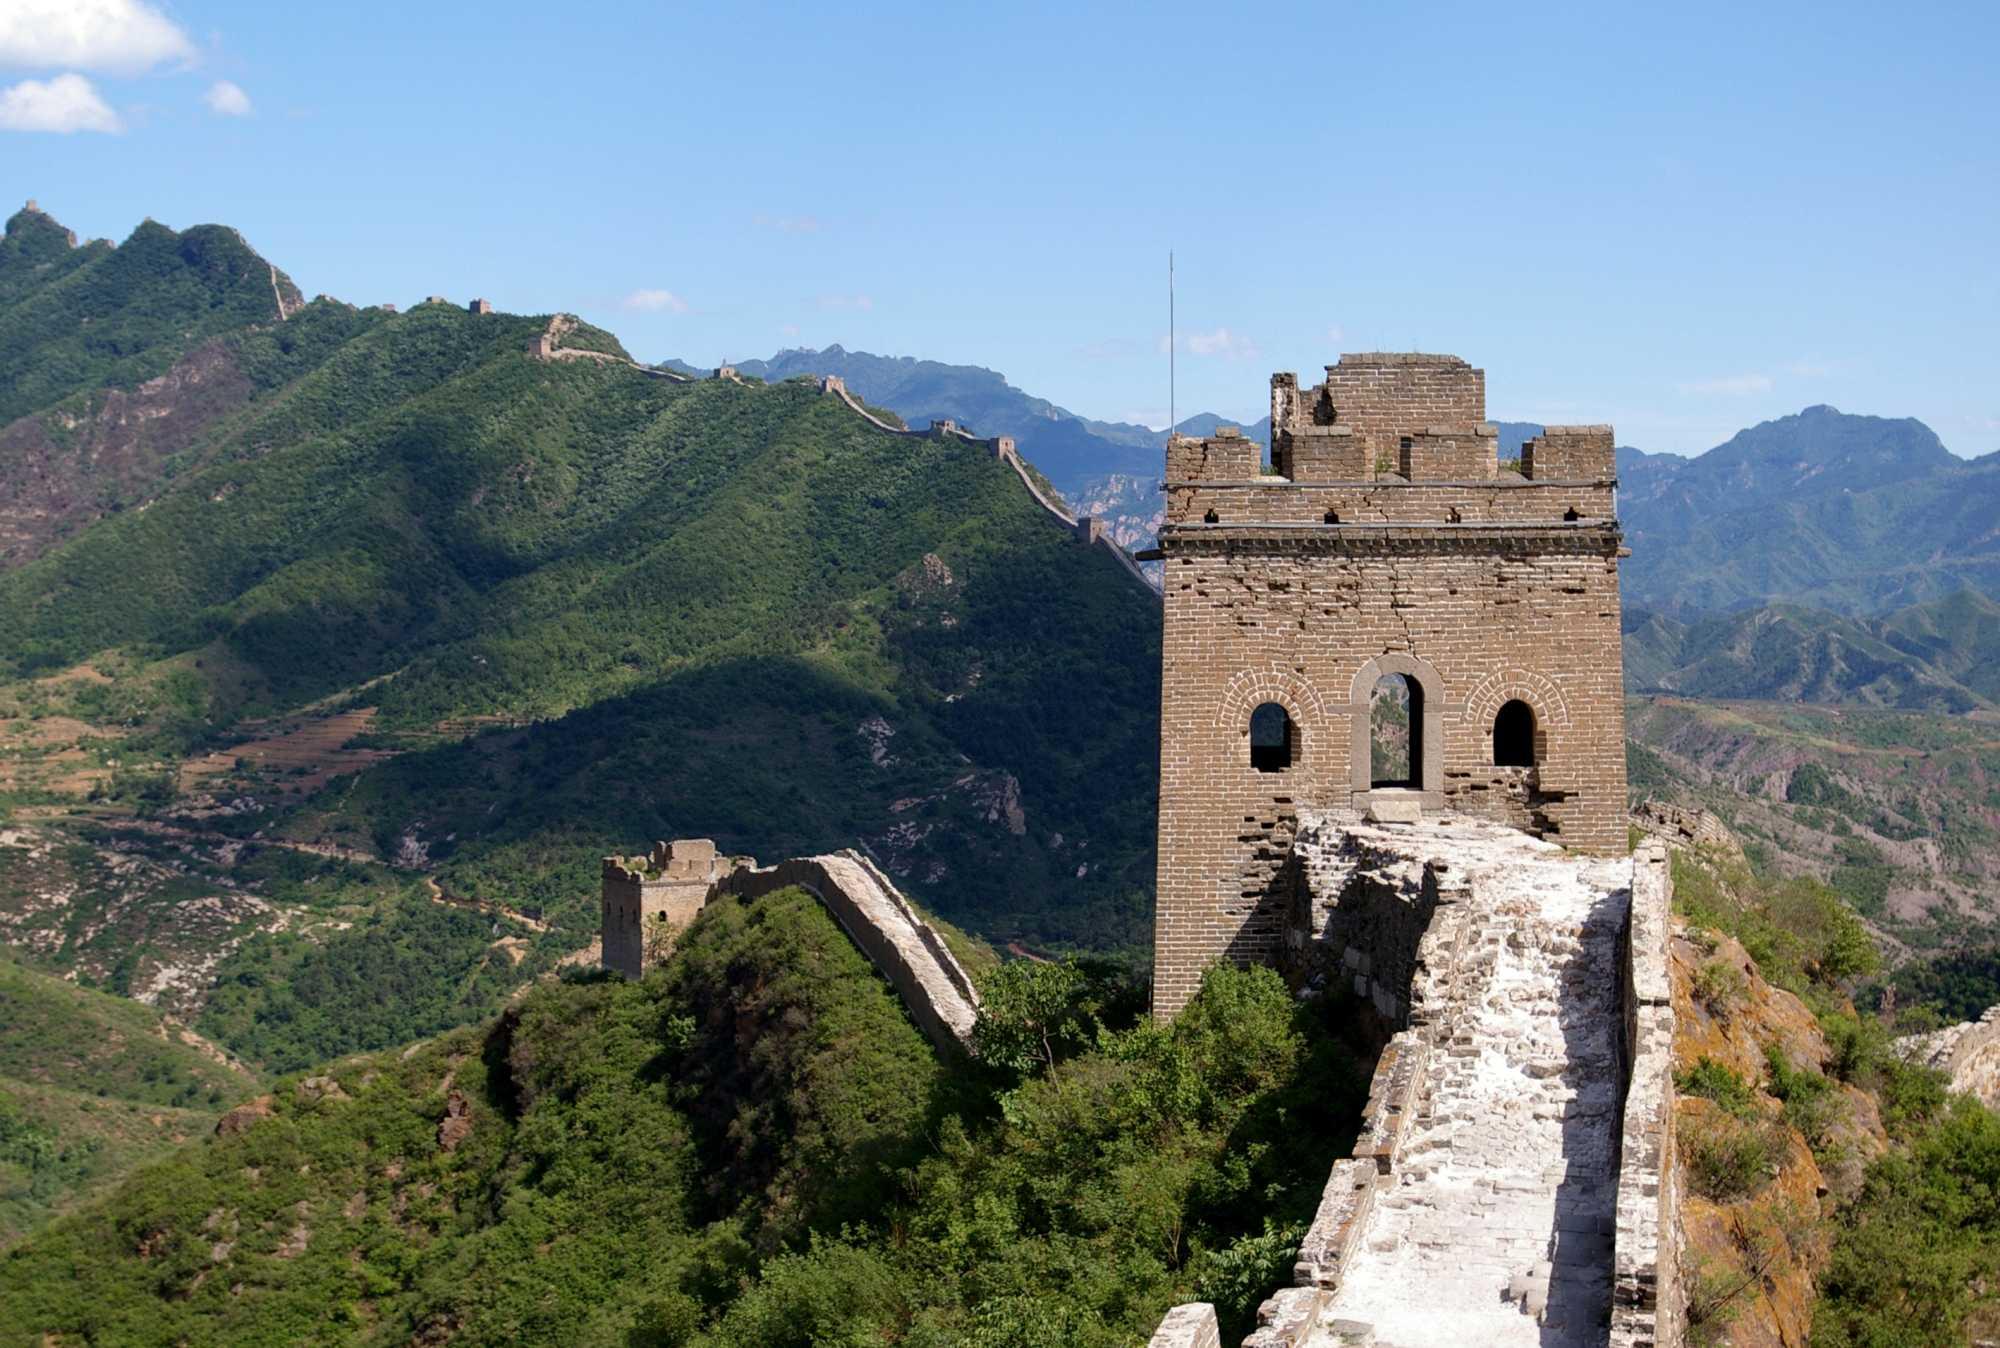 Große Mauer in bescheidenem Zustand